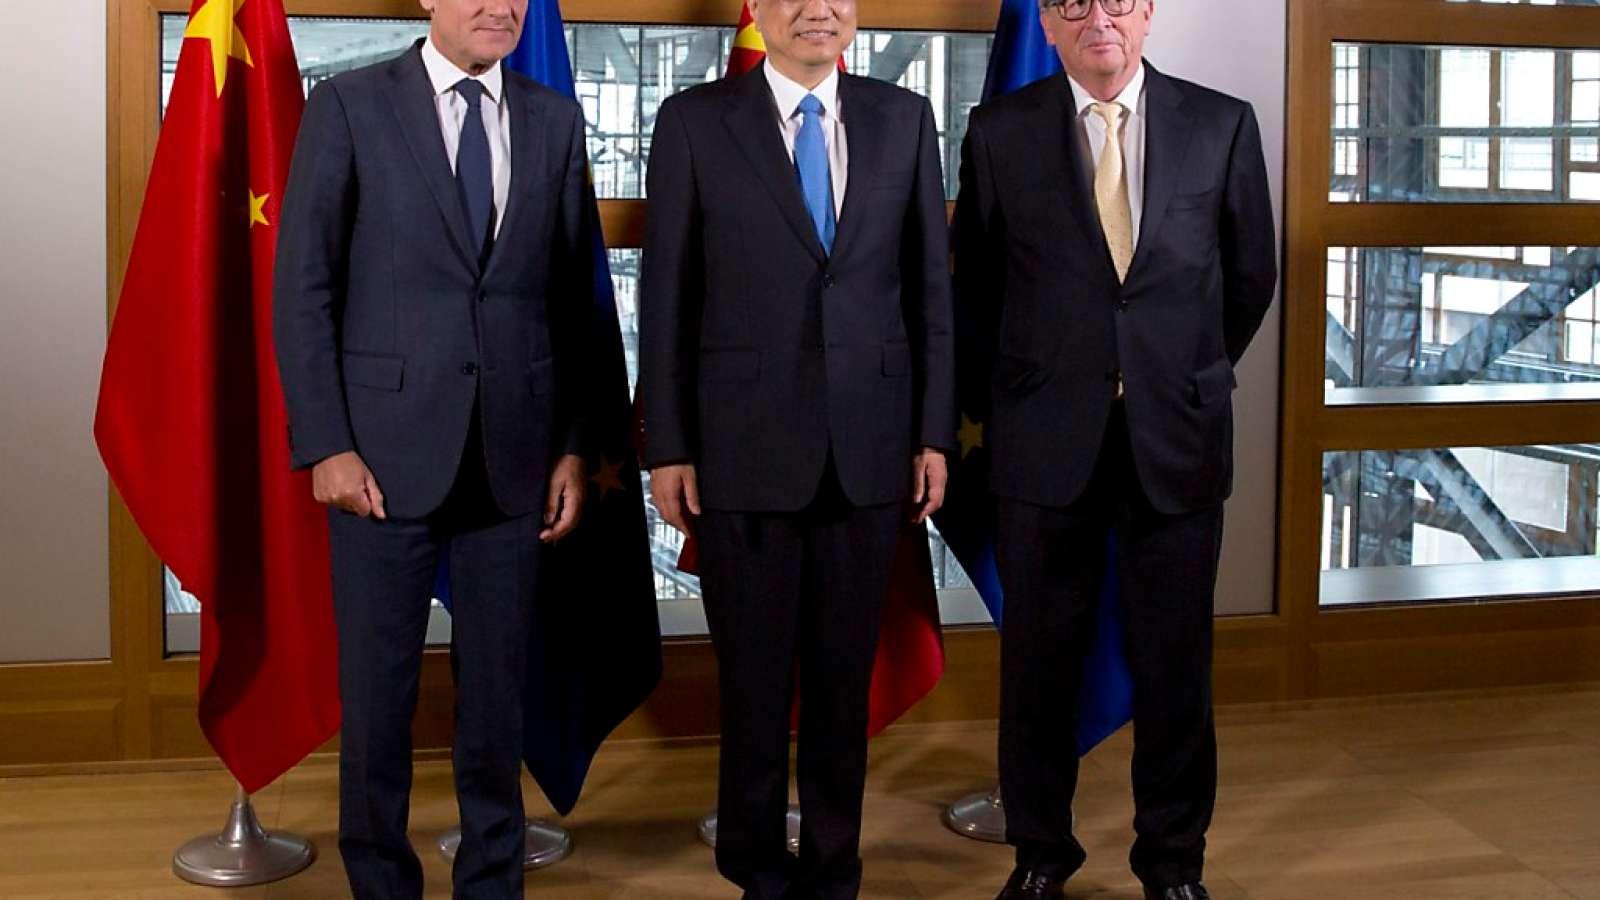 Die EU-Spitzenvertreter Jean-Claude Juncker (r) und Donald Tusk (l) mit ihrem Gast, Chinas Regierungschef Li Keqiang